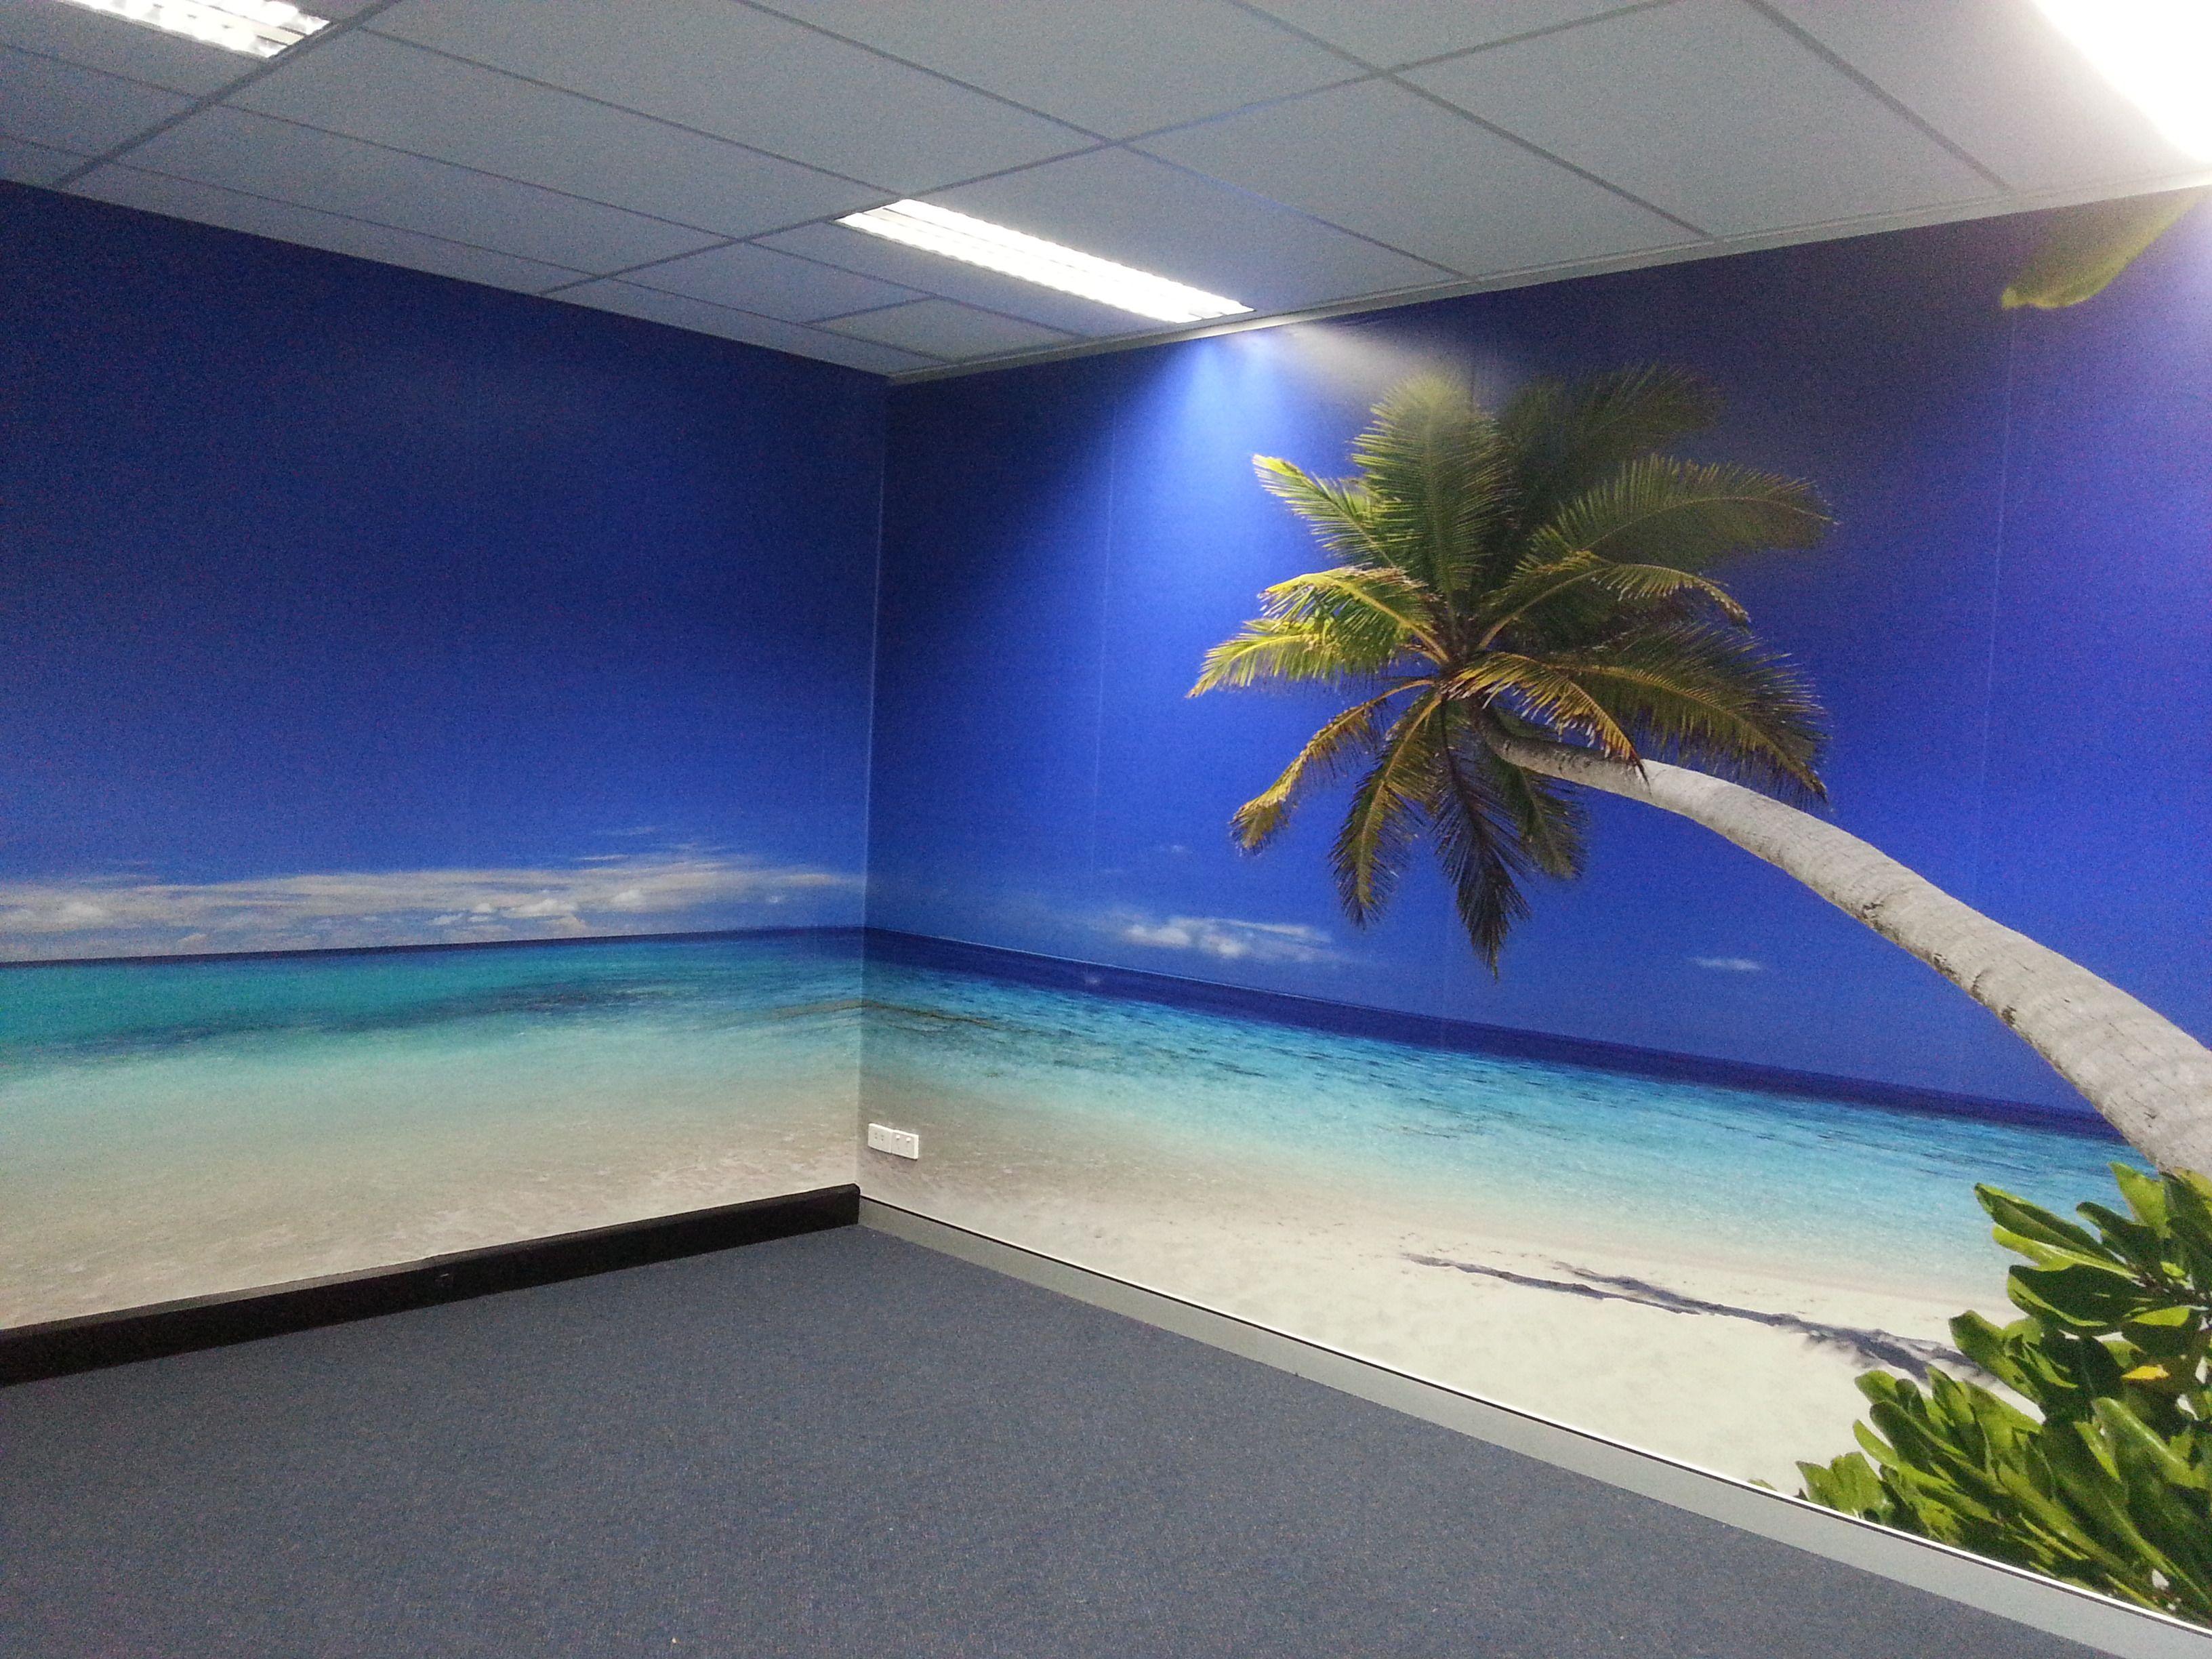 Beach scene wall mural stunning wall murals supplied installed beach scene wall mural amipublicfo Images